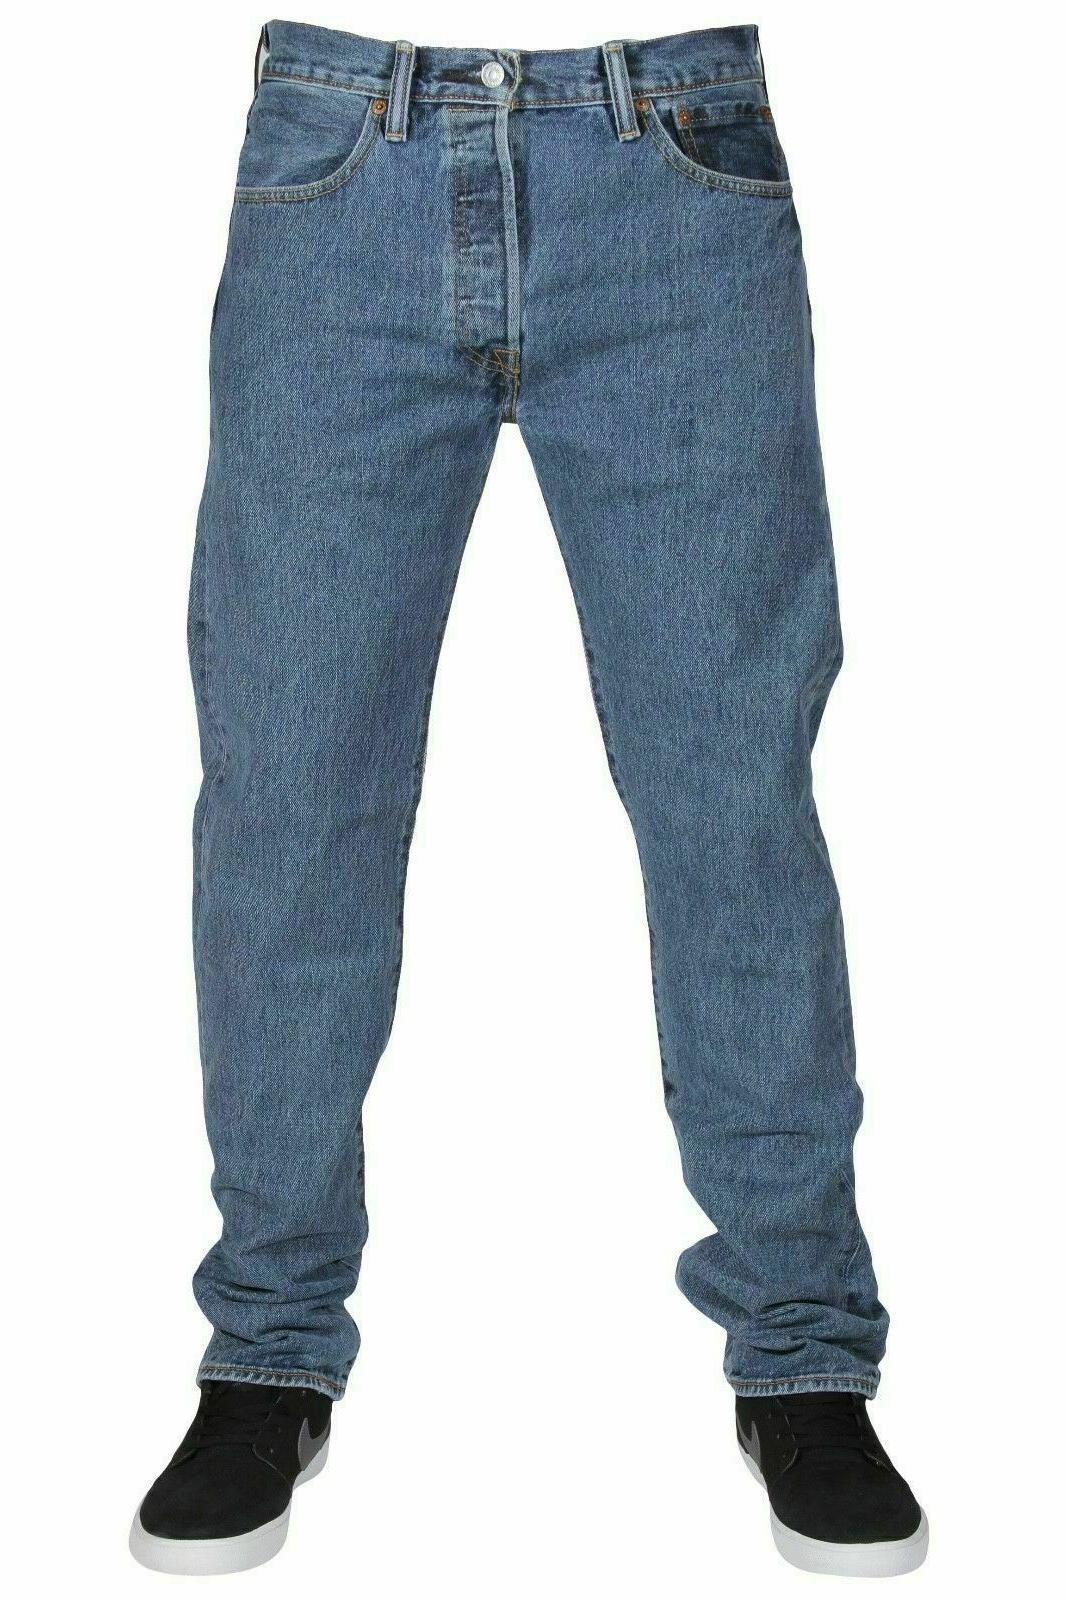 Levis Levi's Fit Leg Blue #0193